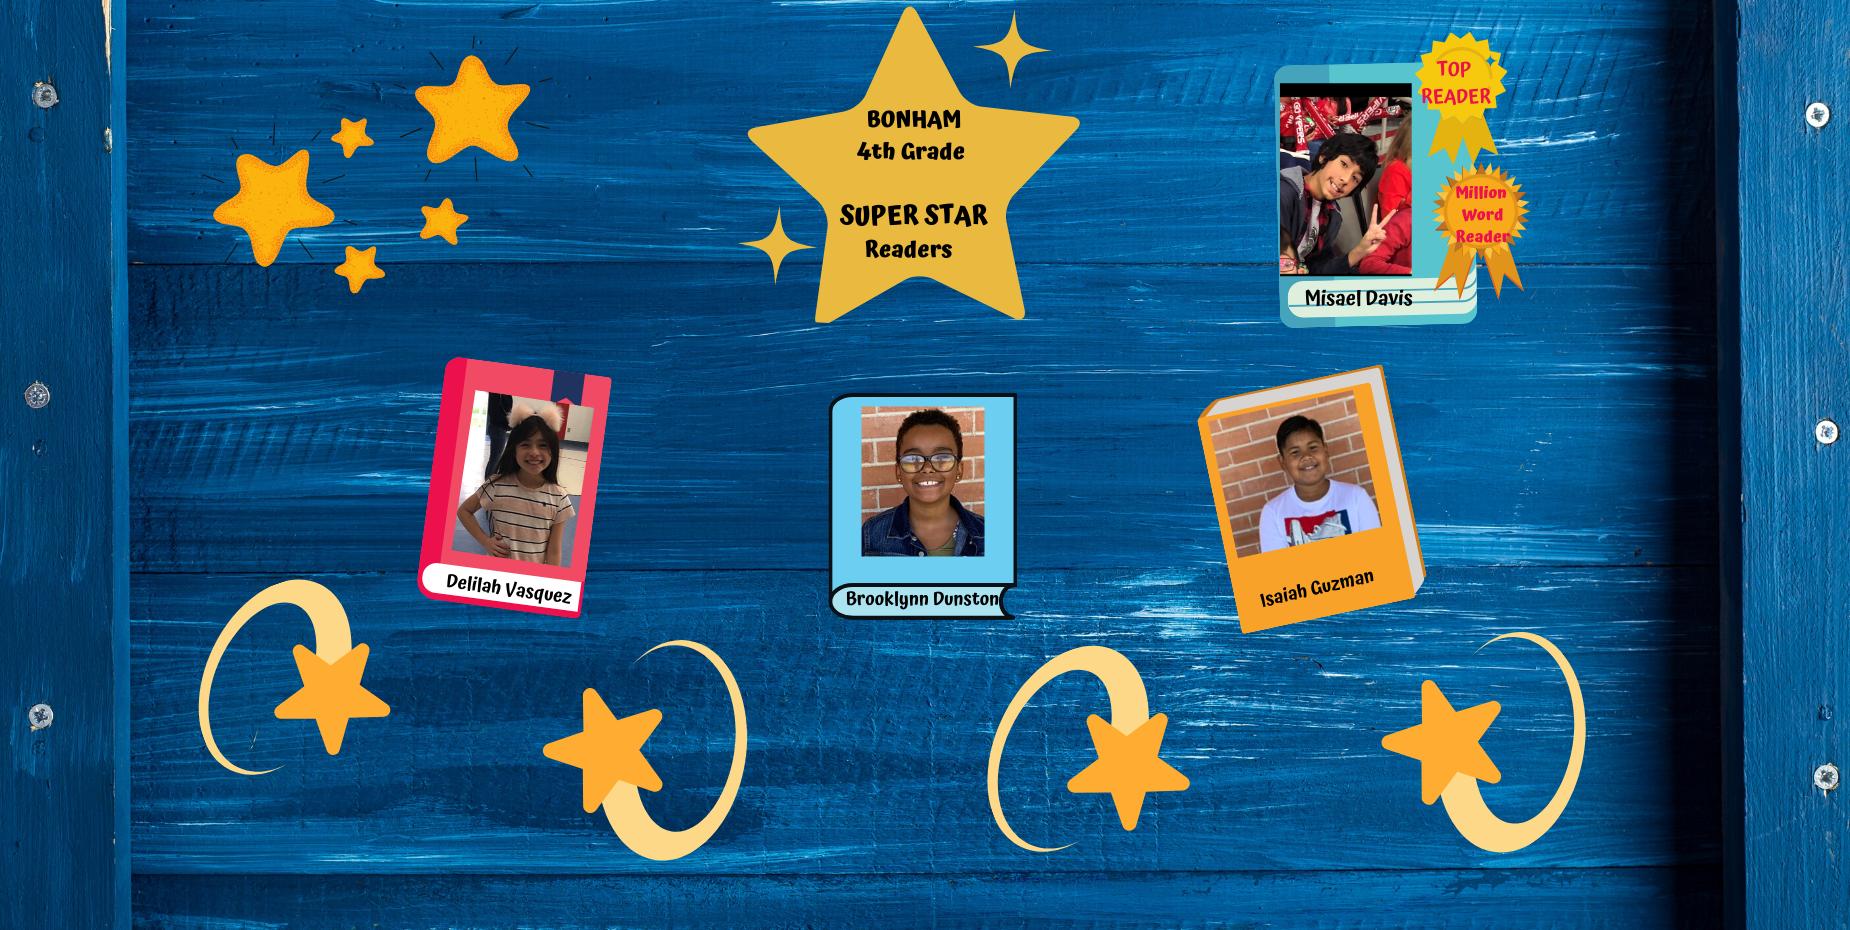 4th grader super readers